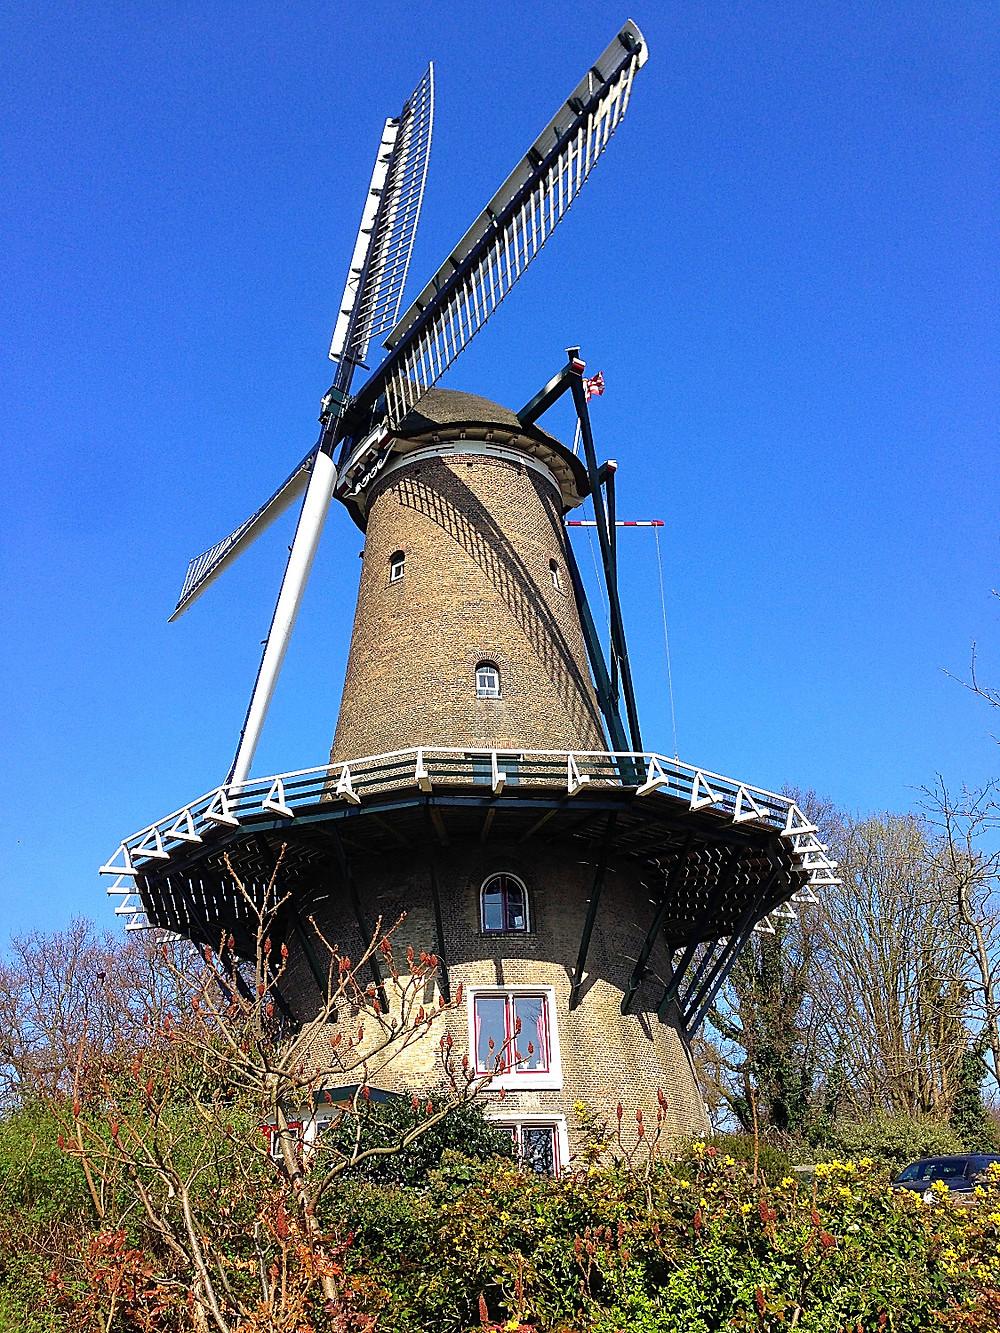 Alkmaar's Piet's Windmill or Molen van Piet